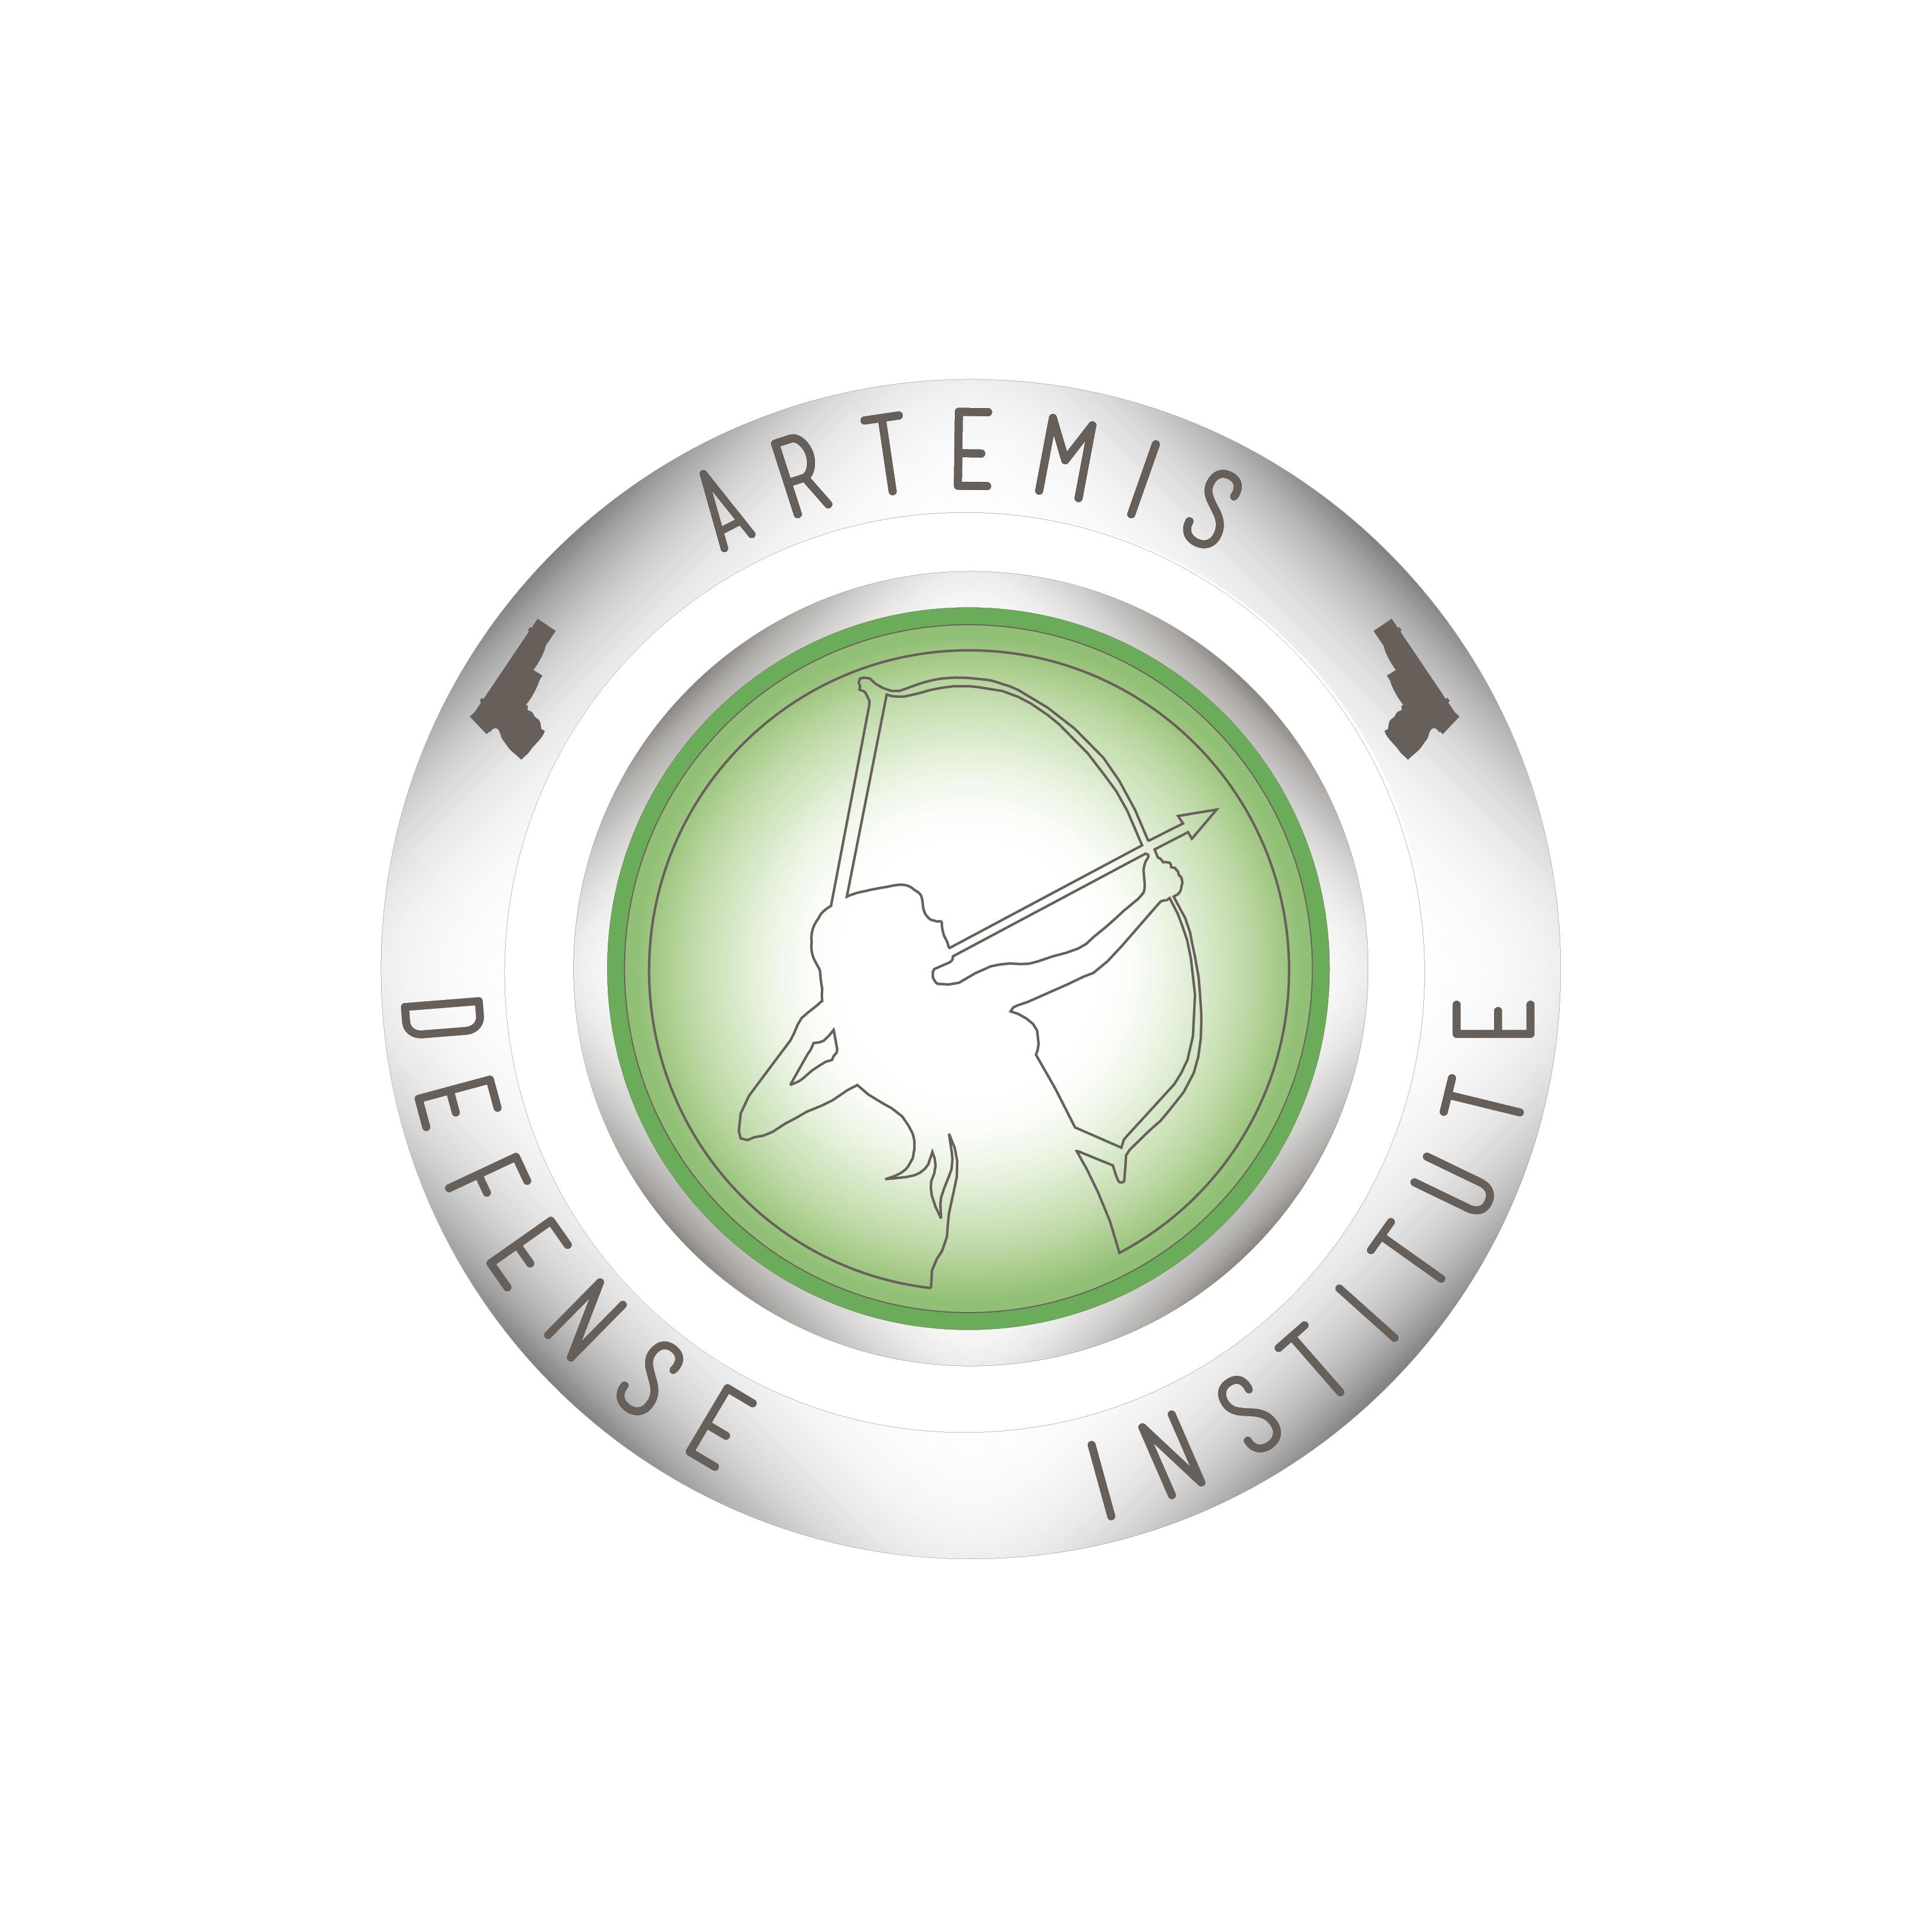 Artemis Defense Institute